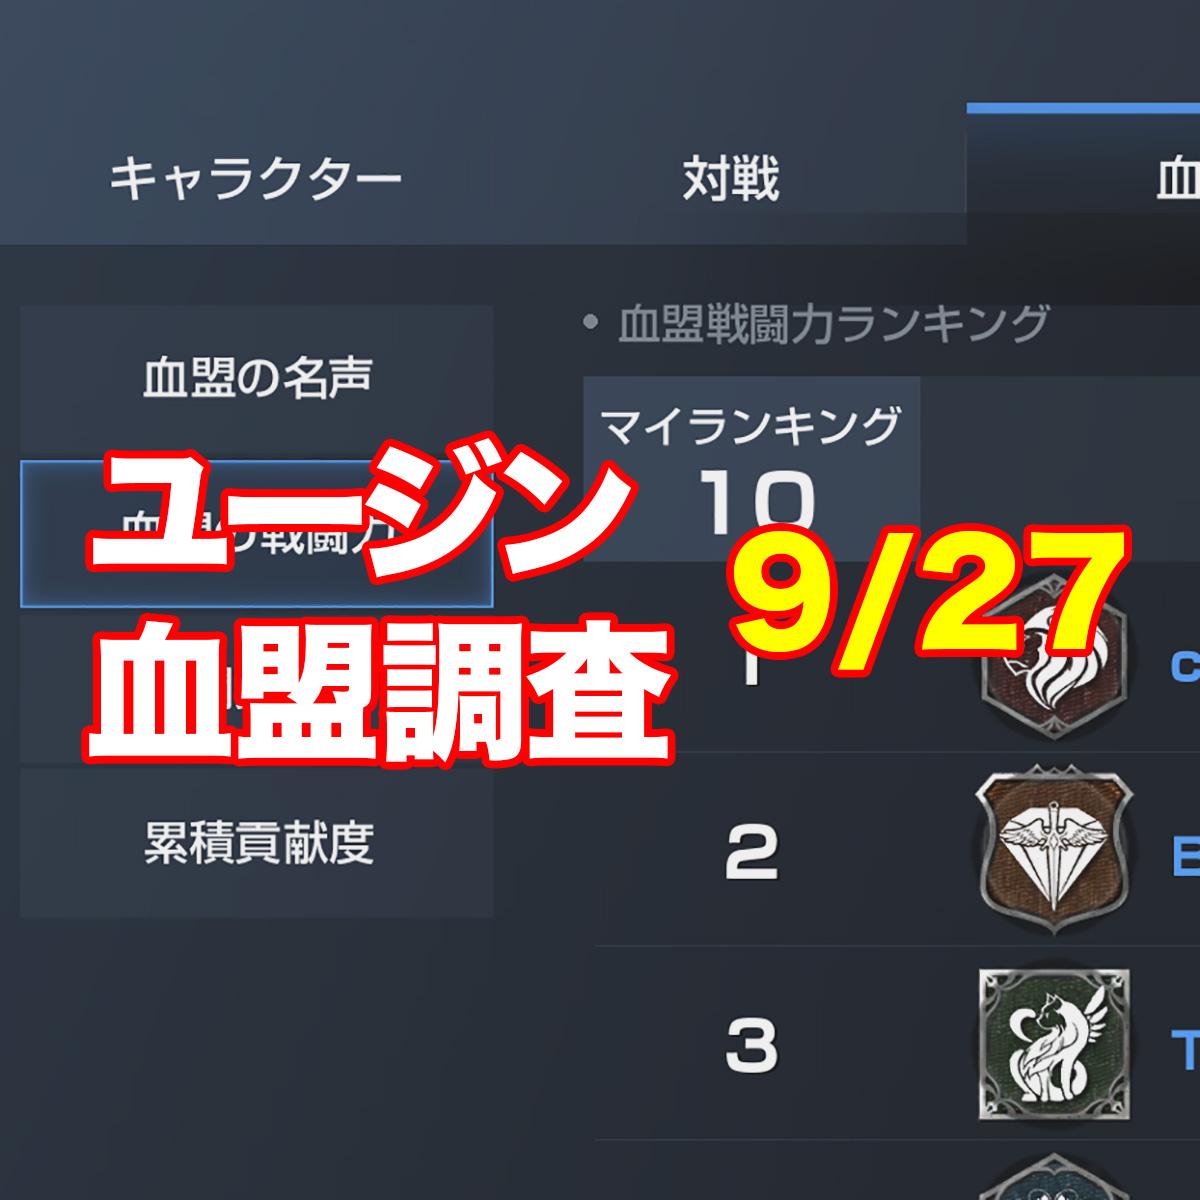 9/27ユージン情報|桃源郷が初ランクイン! 銀王旅団も復帰!